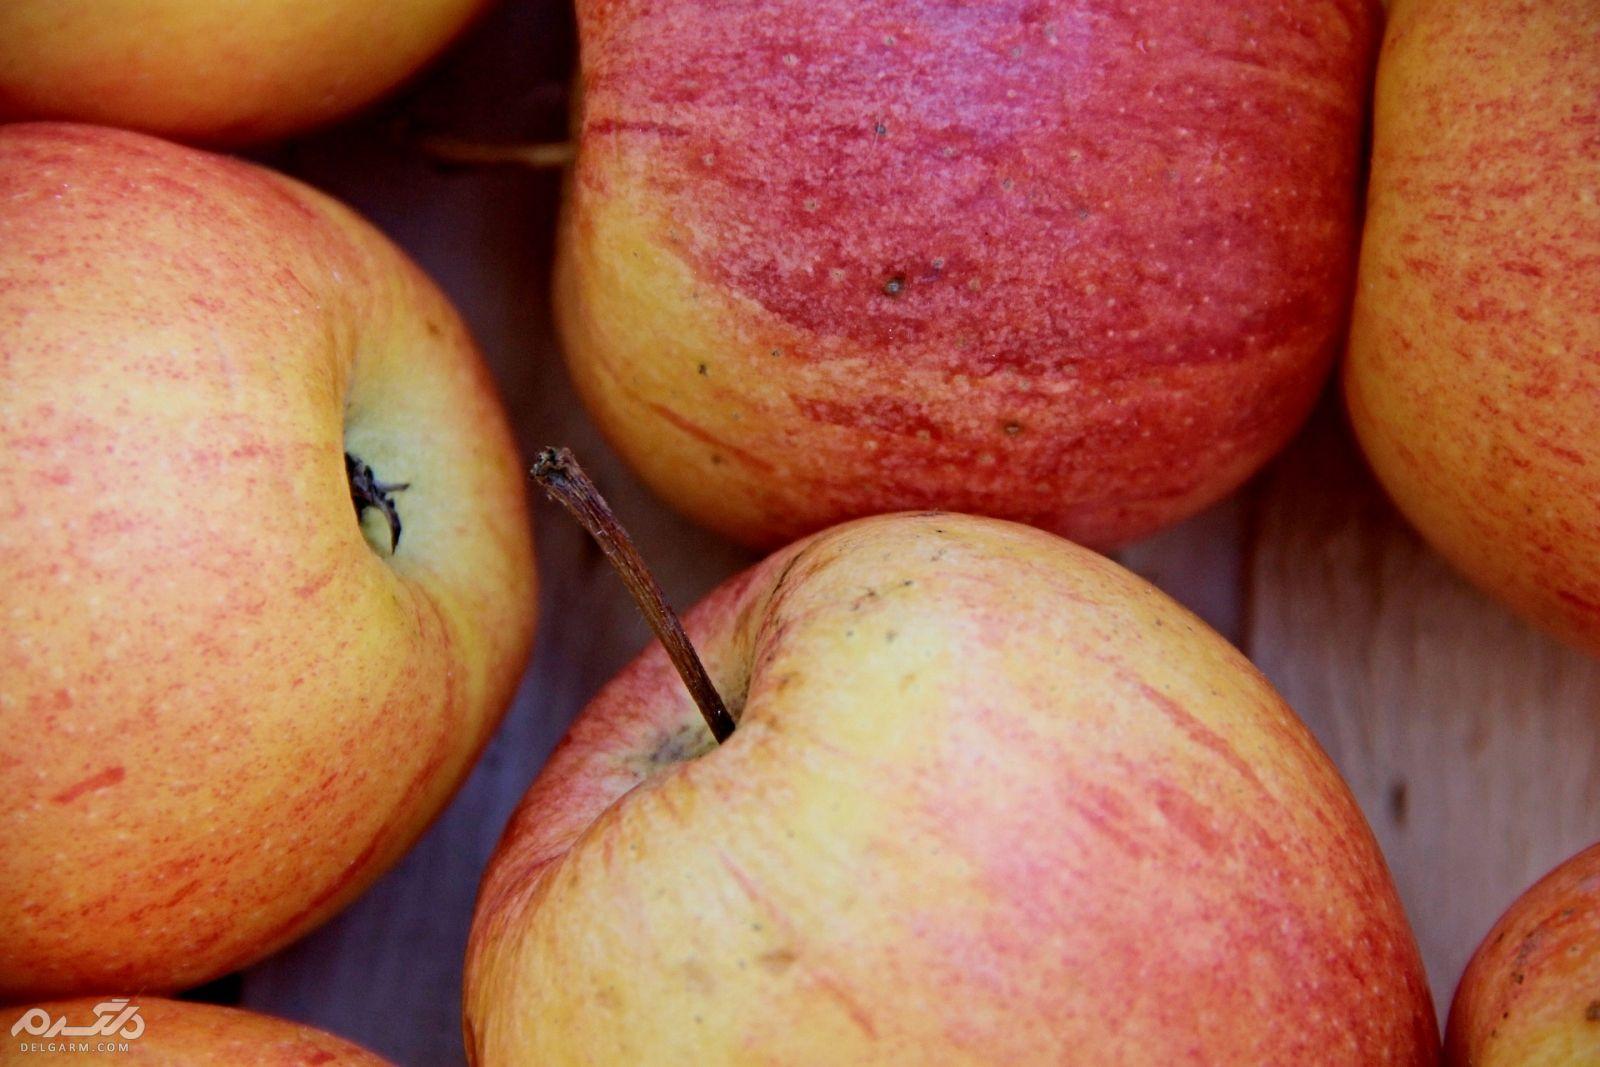 تاثیر فوق العاده سیب برای افزایش قدرت ماهیچه و تقویت قوای جنسی- دلگرم